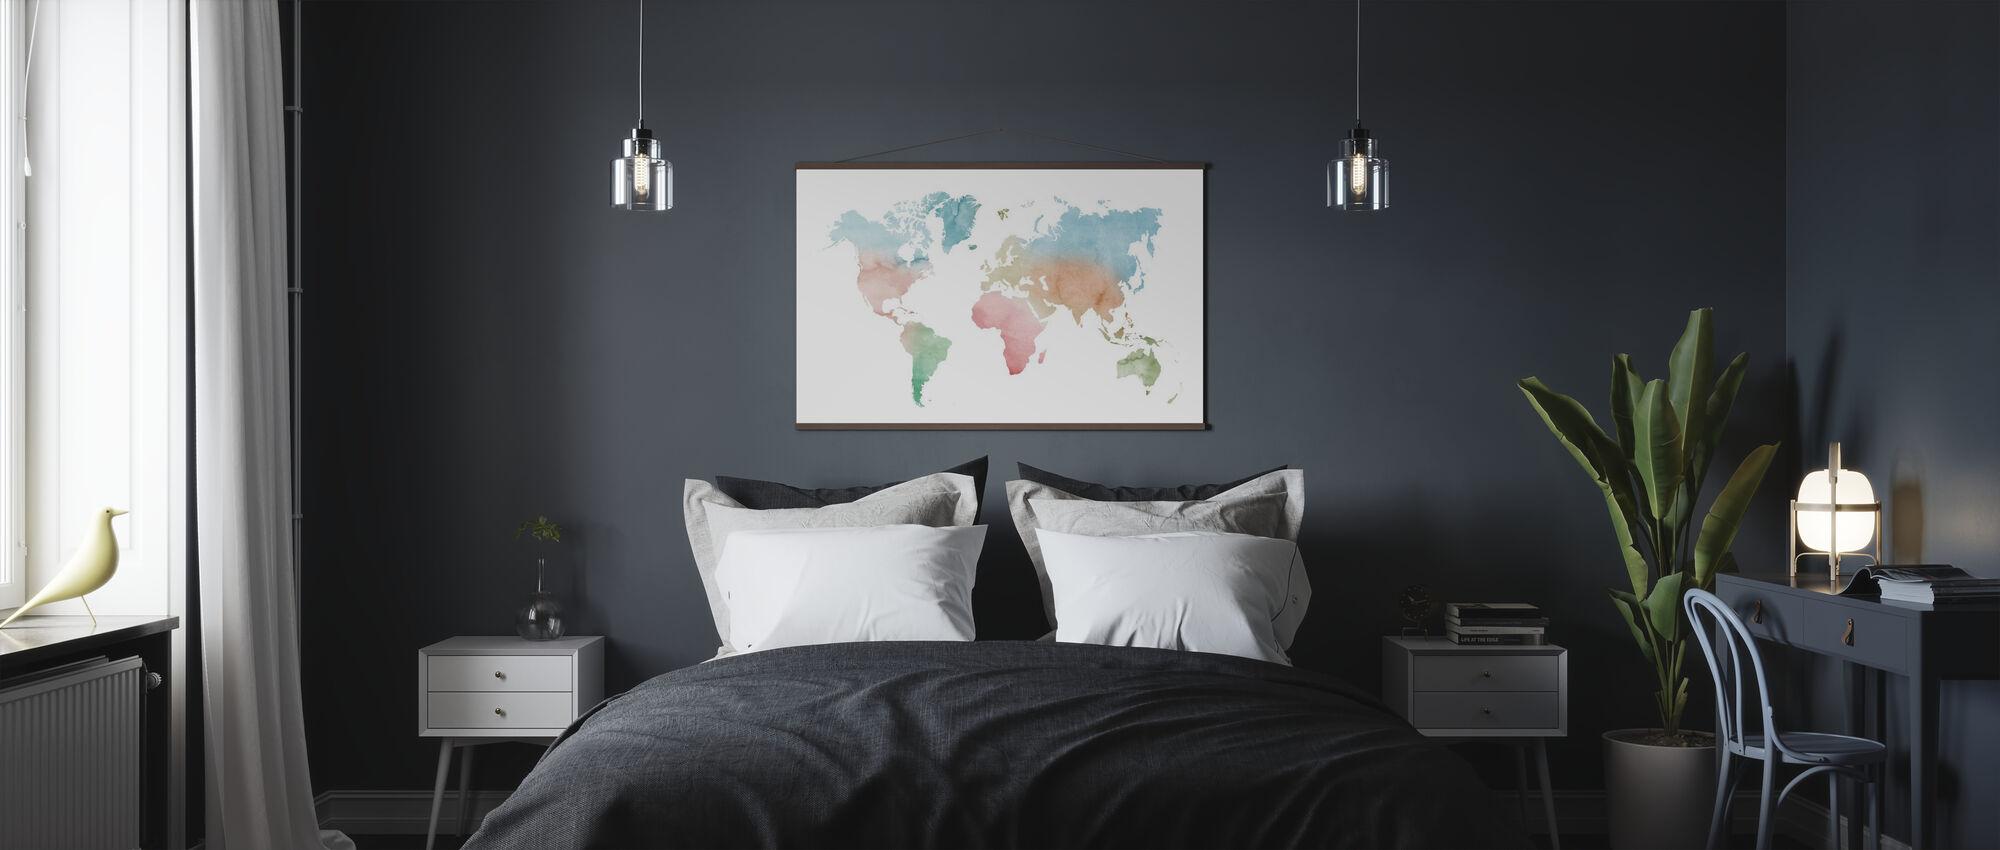 Akvarell verden pastellfarger - Plakat - Soverom